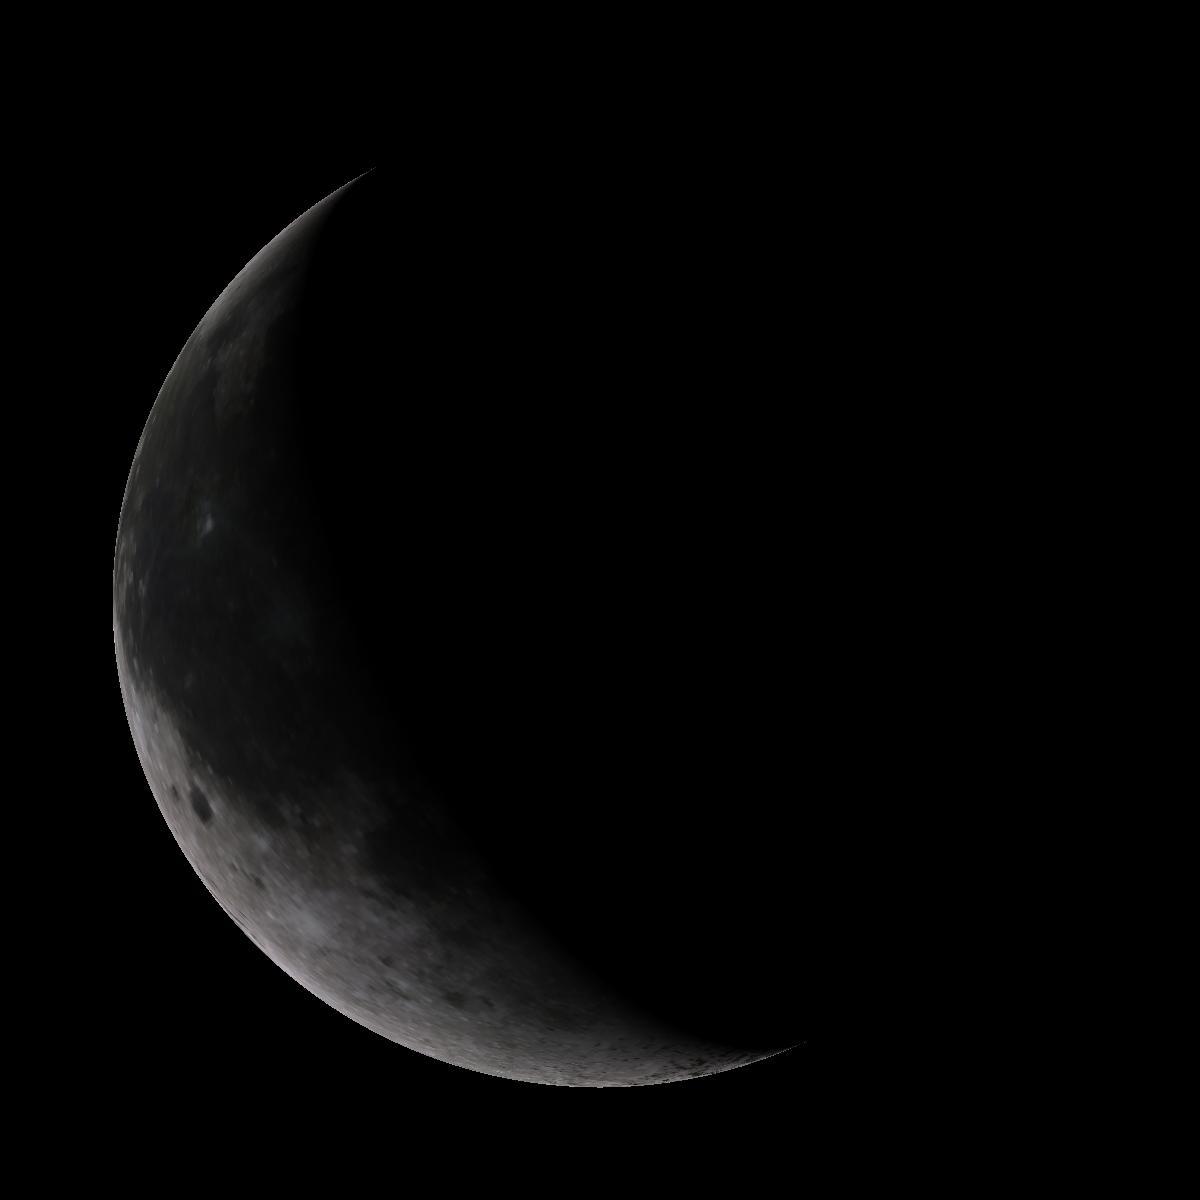 Lune du 22 novembre 2019